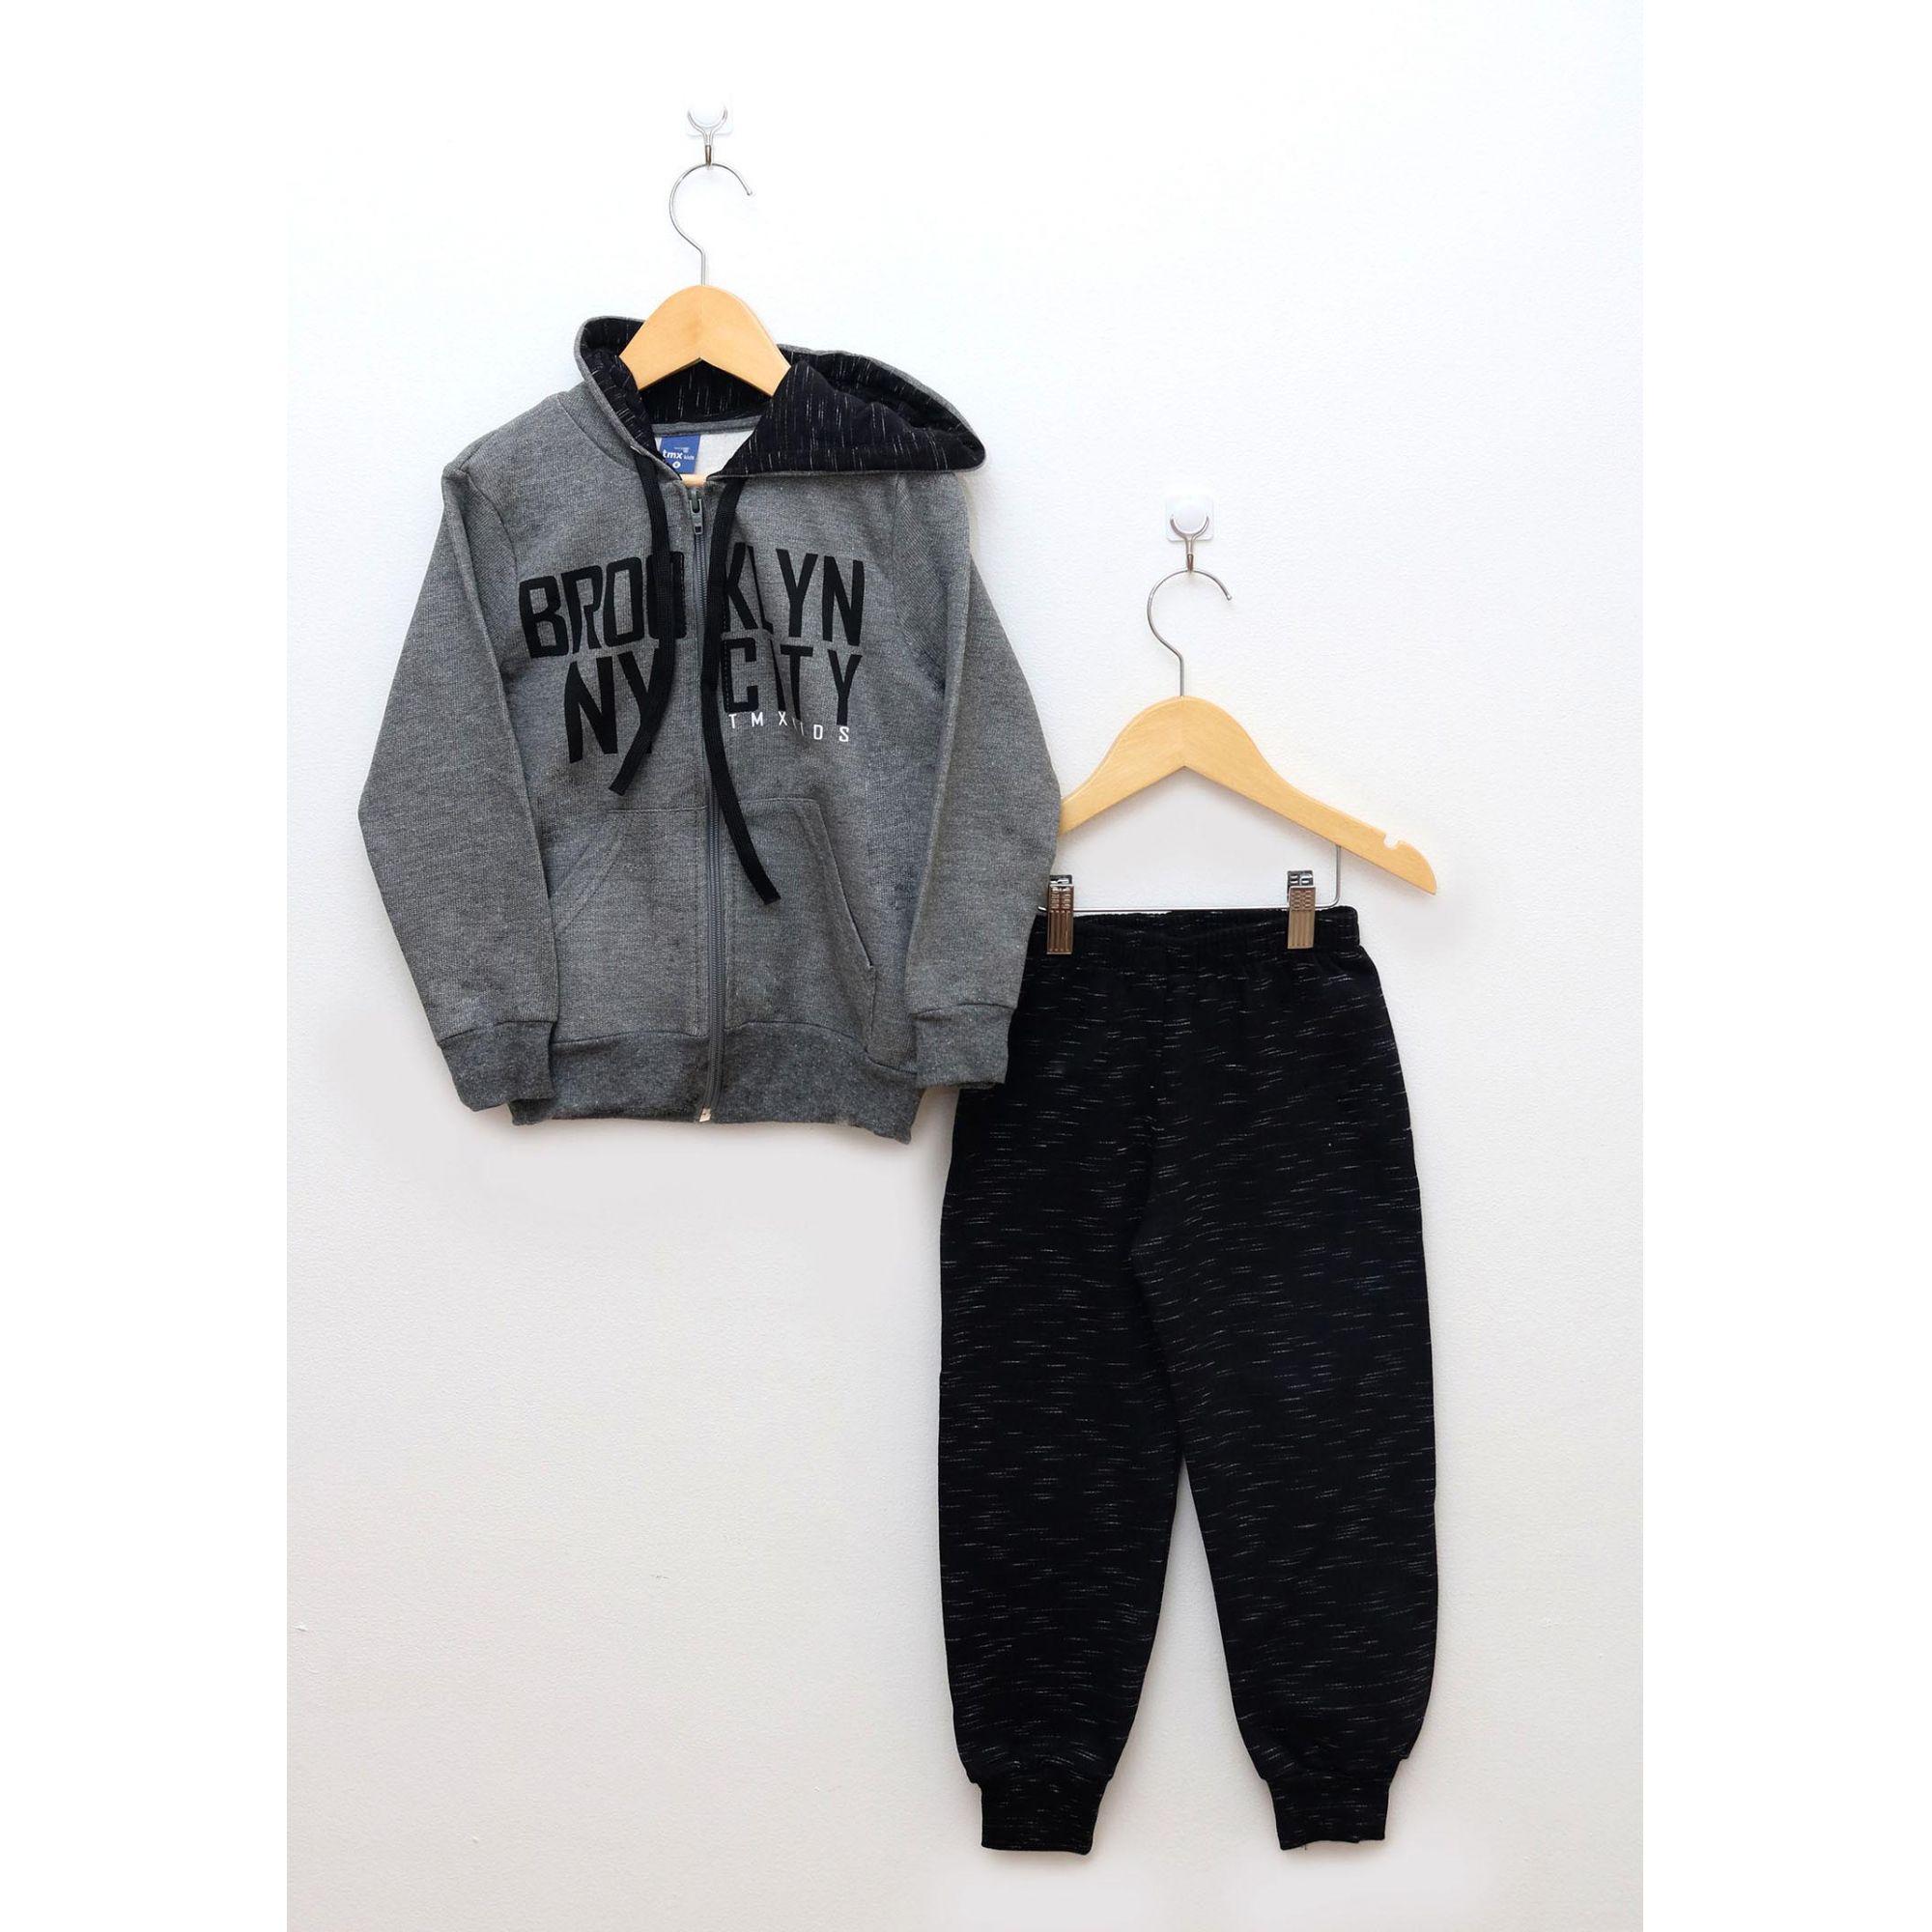 Conjunto Infantil Menino Jaqueta e Calça Cinza Brooklyn